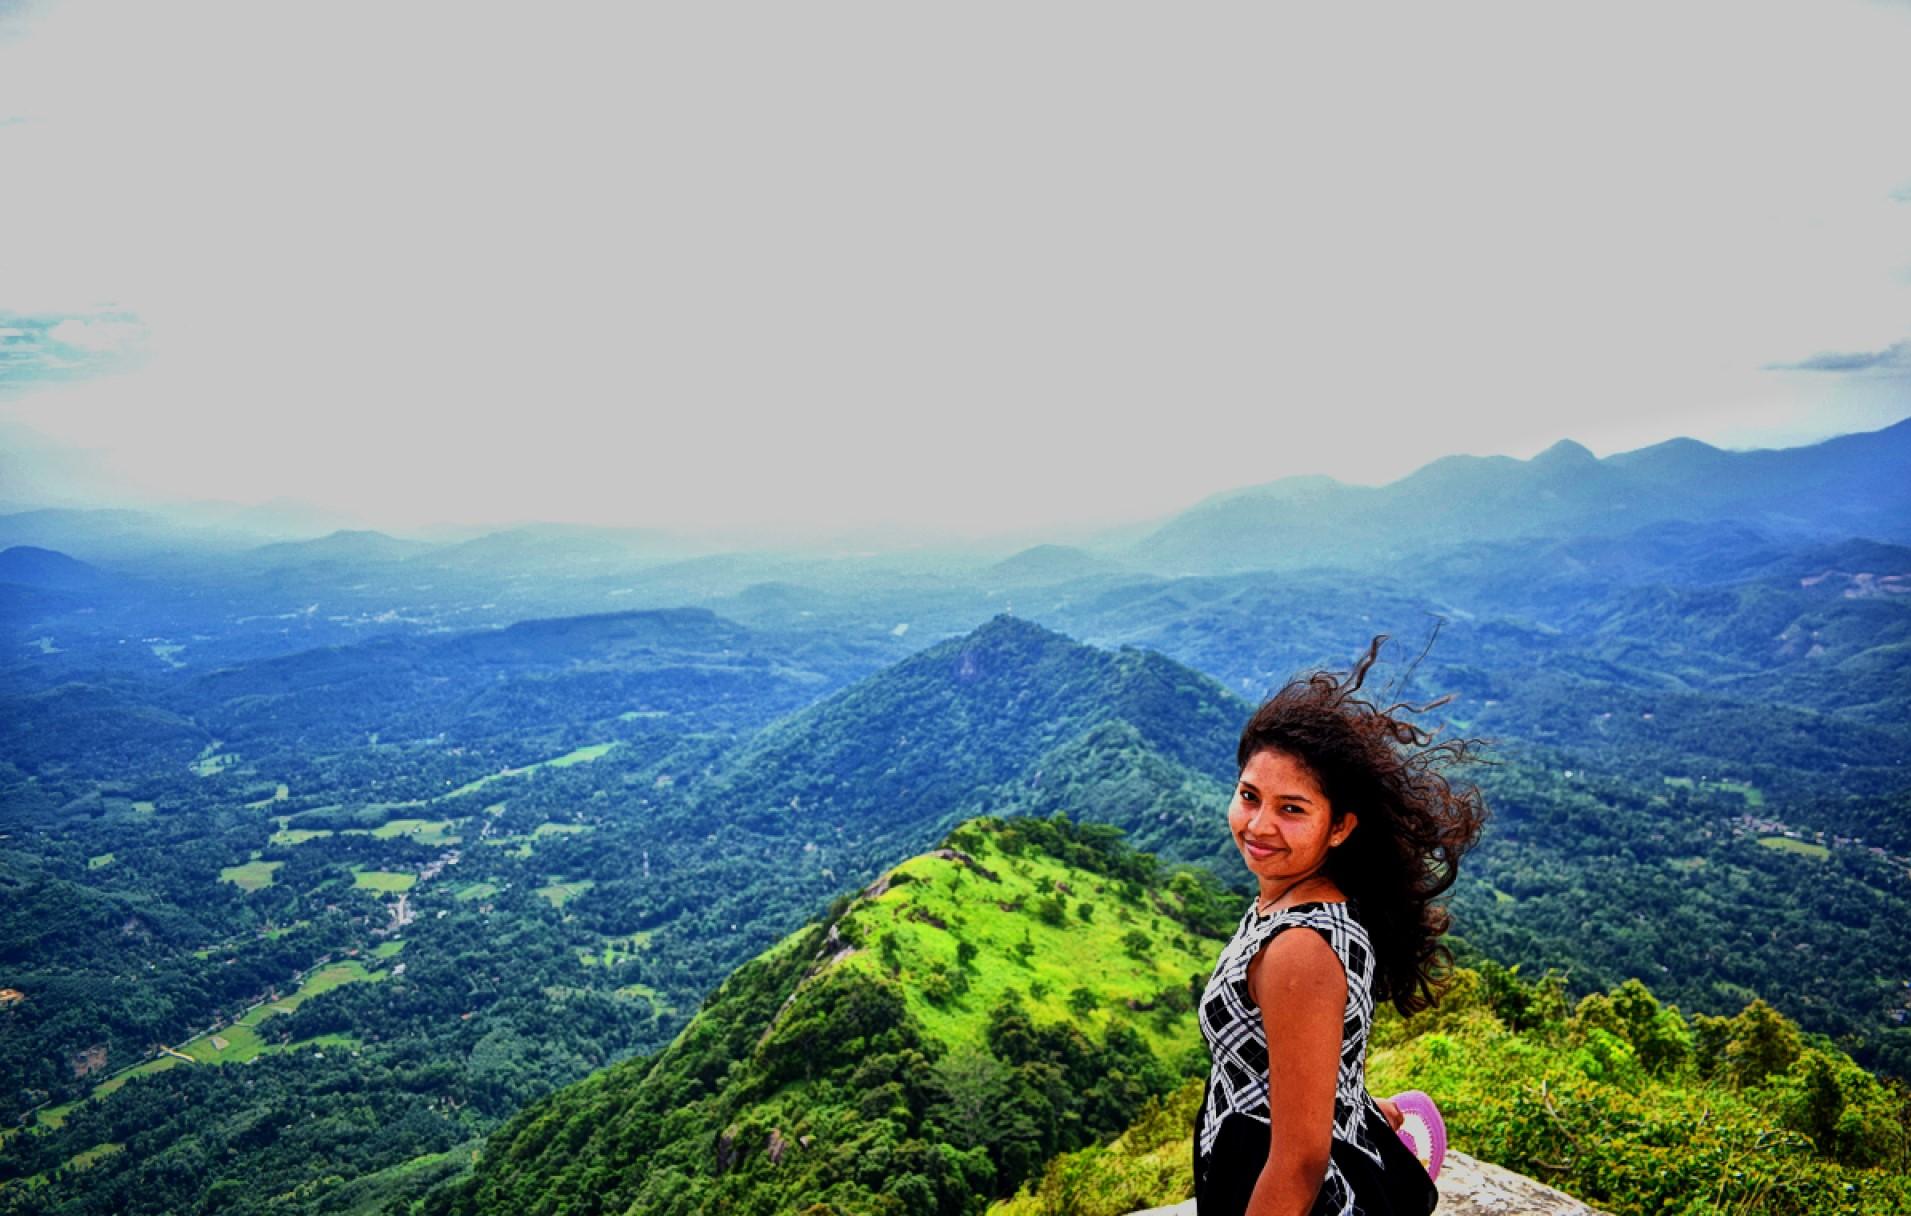 Sri Lanka Robinhood Village Trail with Alagalla Mountain Trekking 5